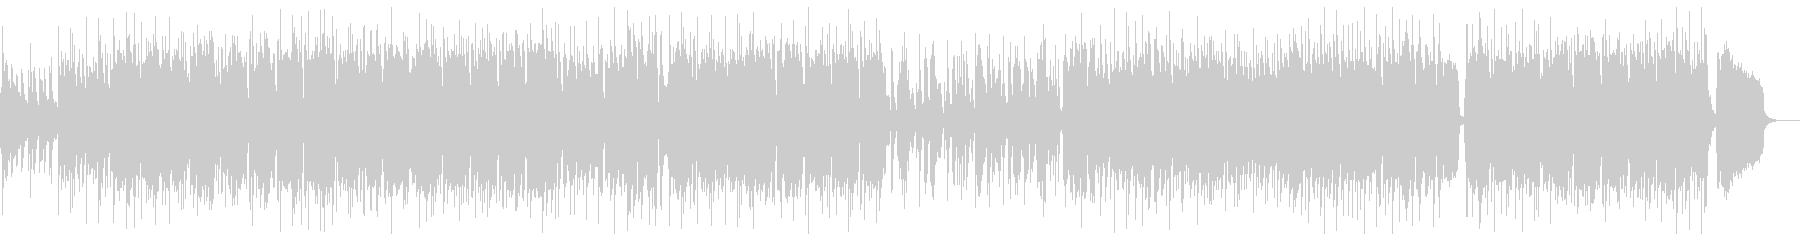 トランペットによるジャズバラードの未再生の波形